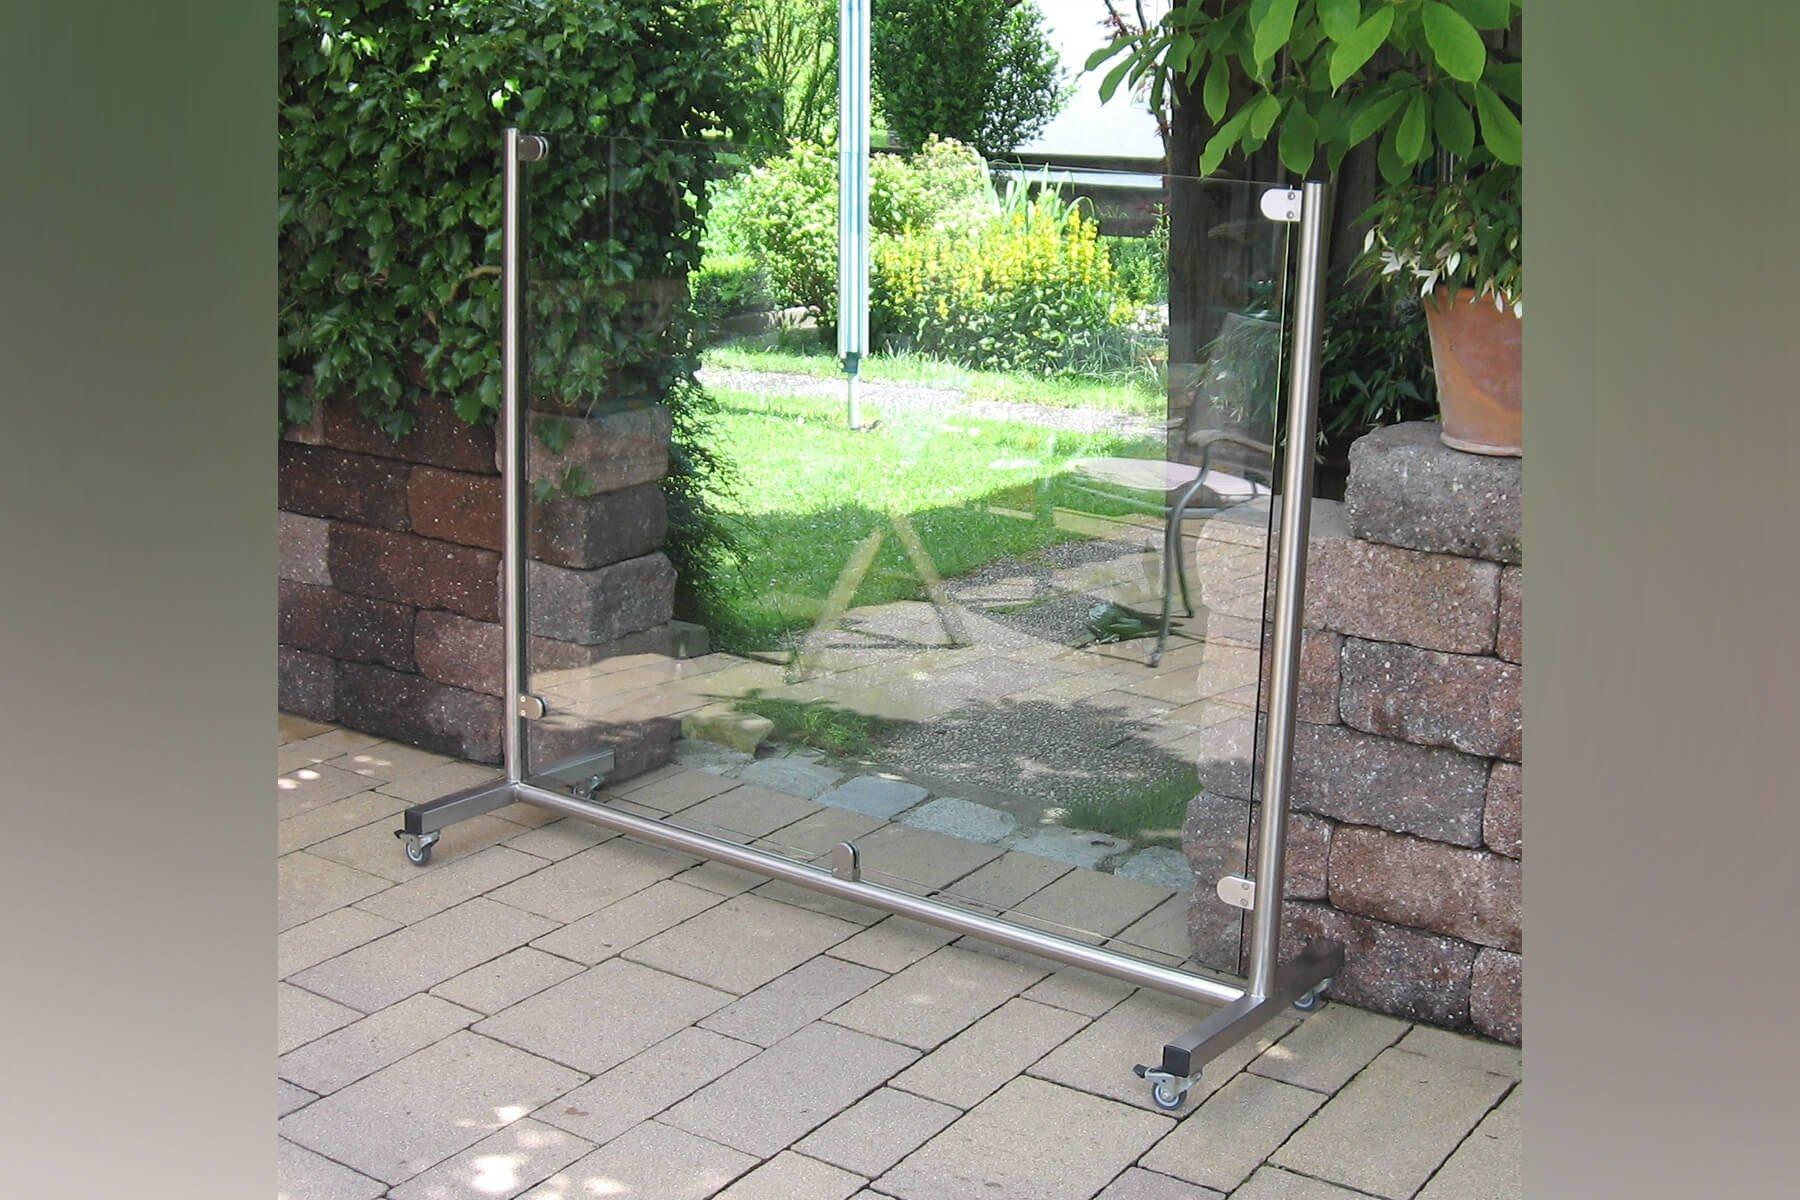 mobiler-glas-windschutz-auf-rollen-freistehend- fuer-garten-terrasse-balkon-beliebig-platzierbar-und- einsetzbar